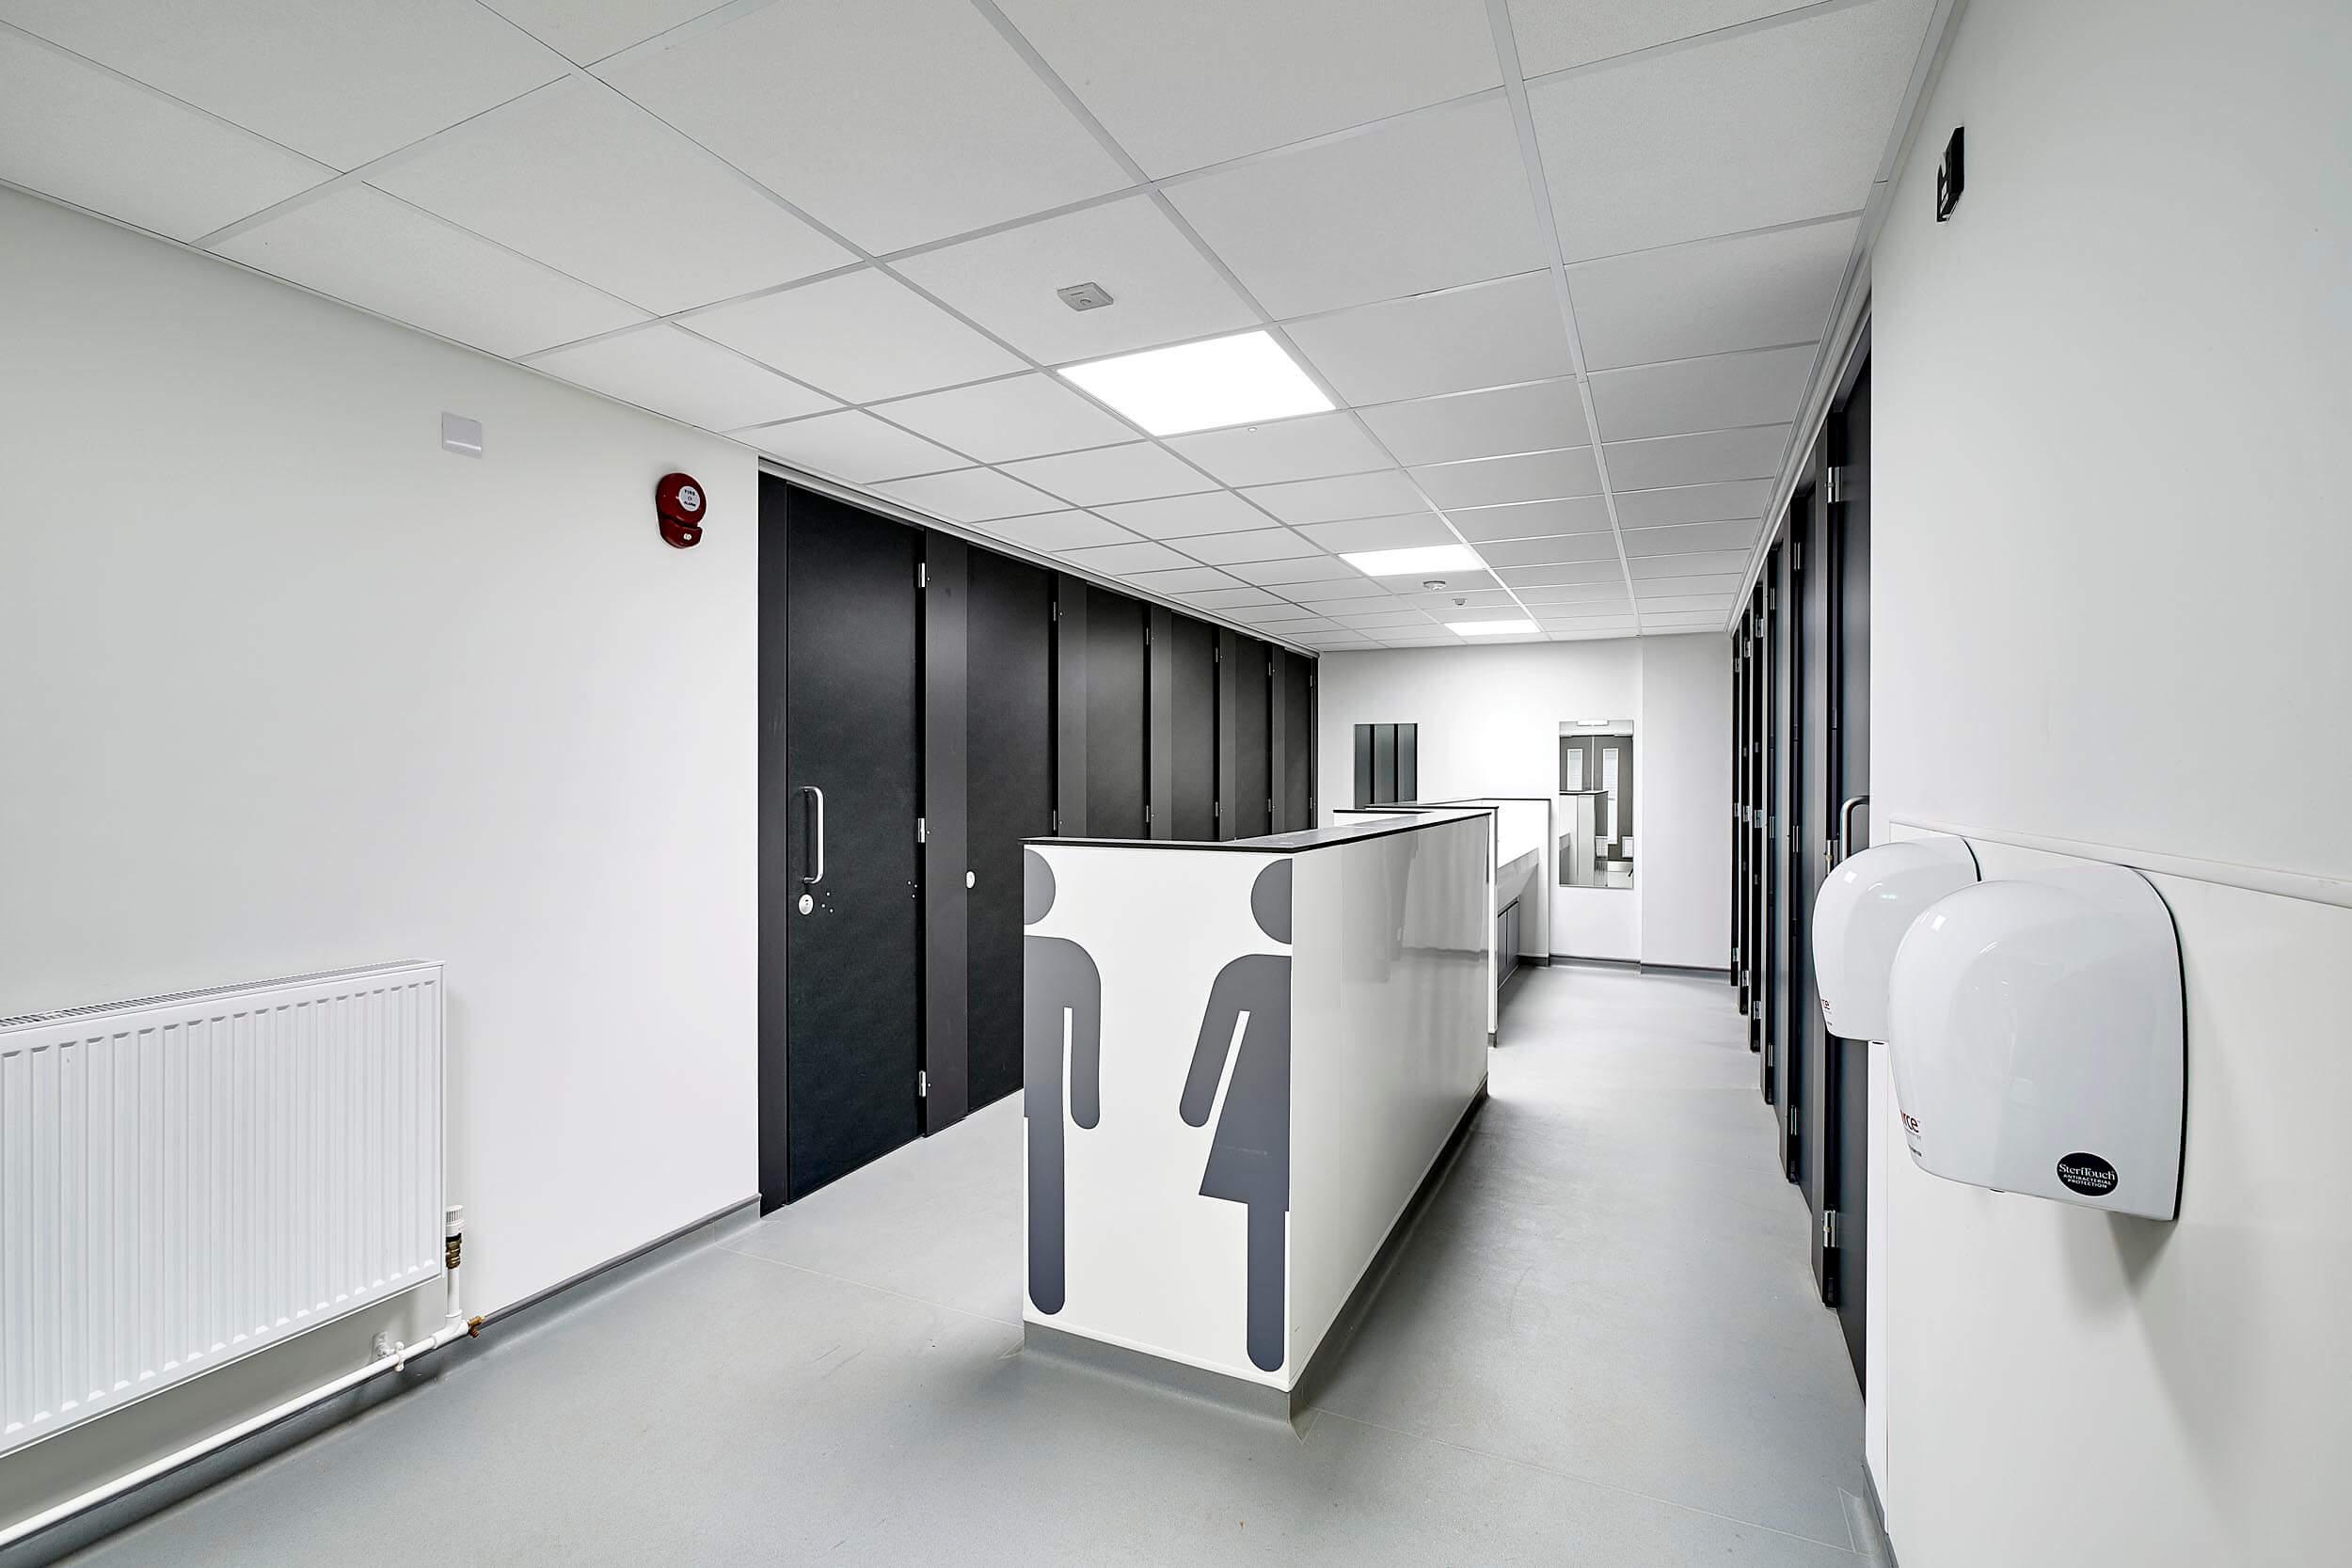 Cleeve School wash room